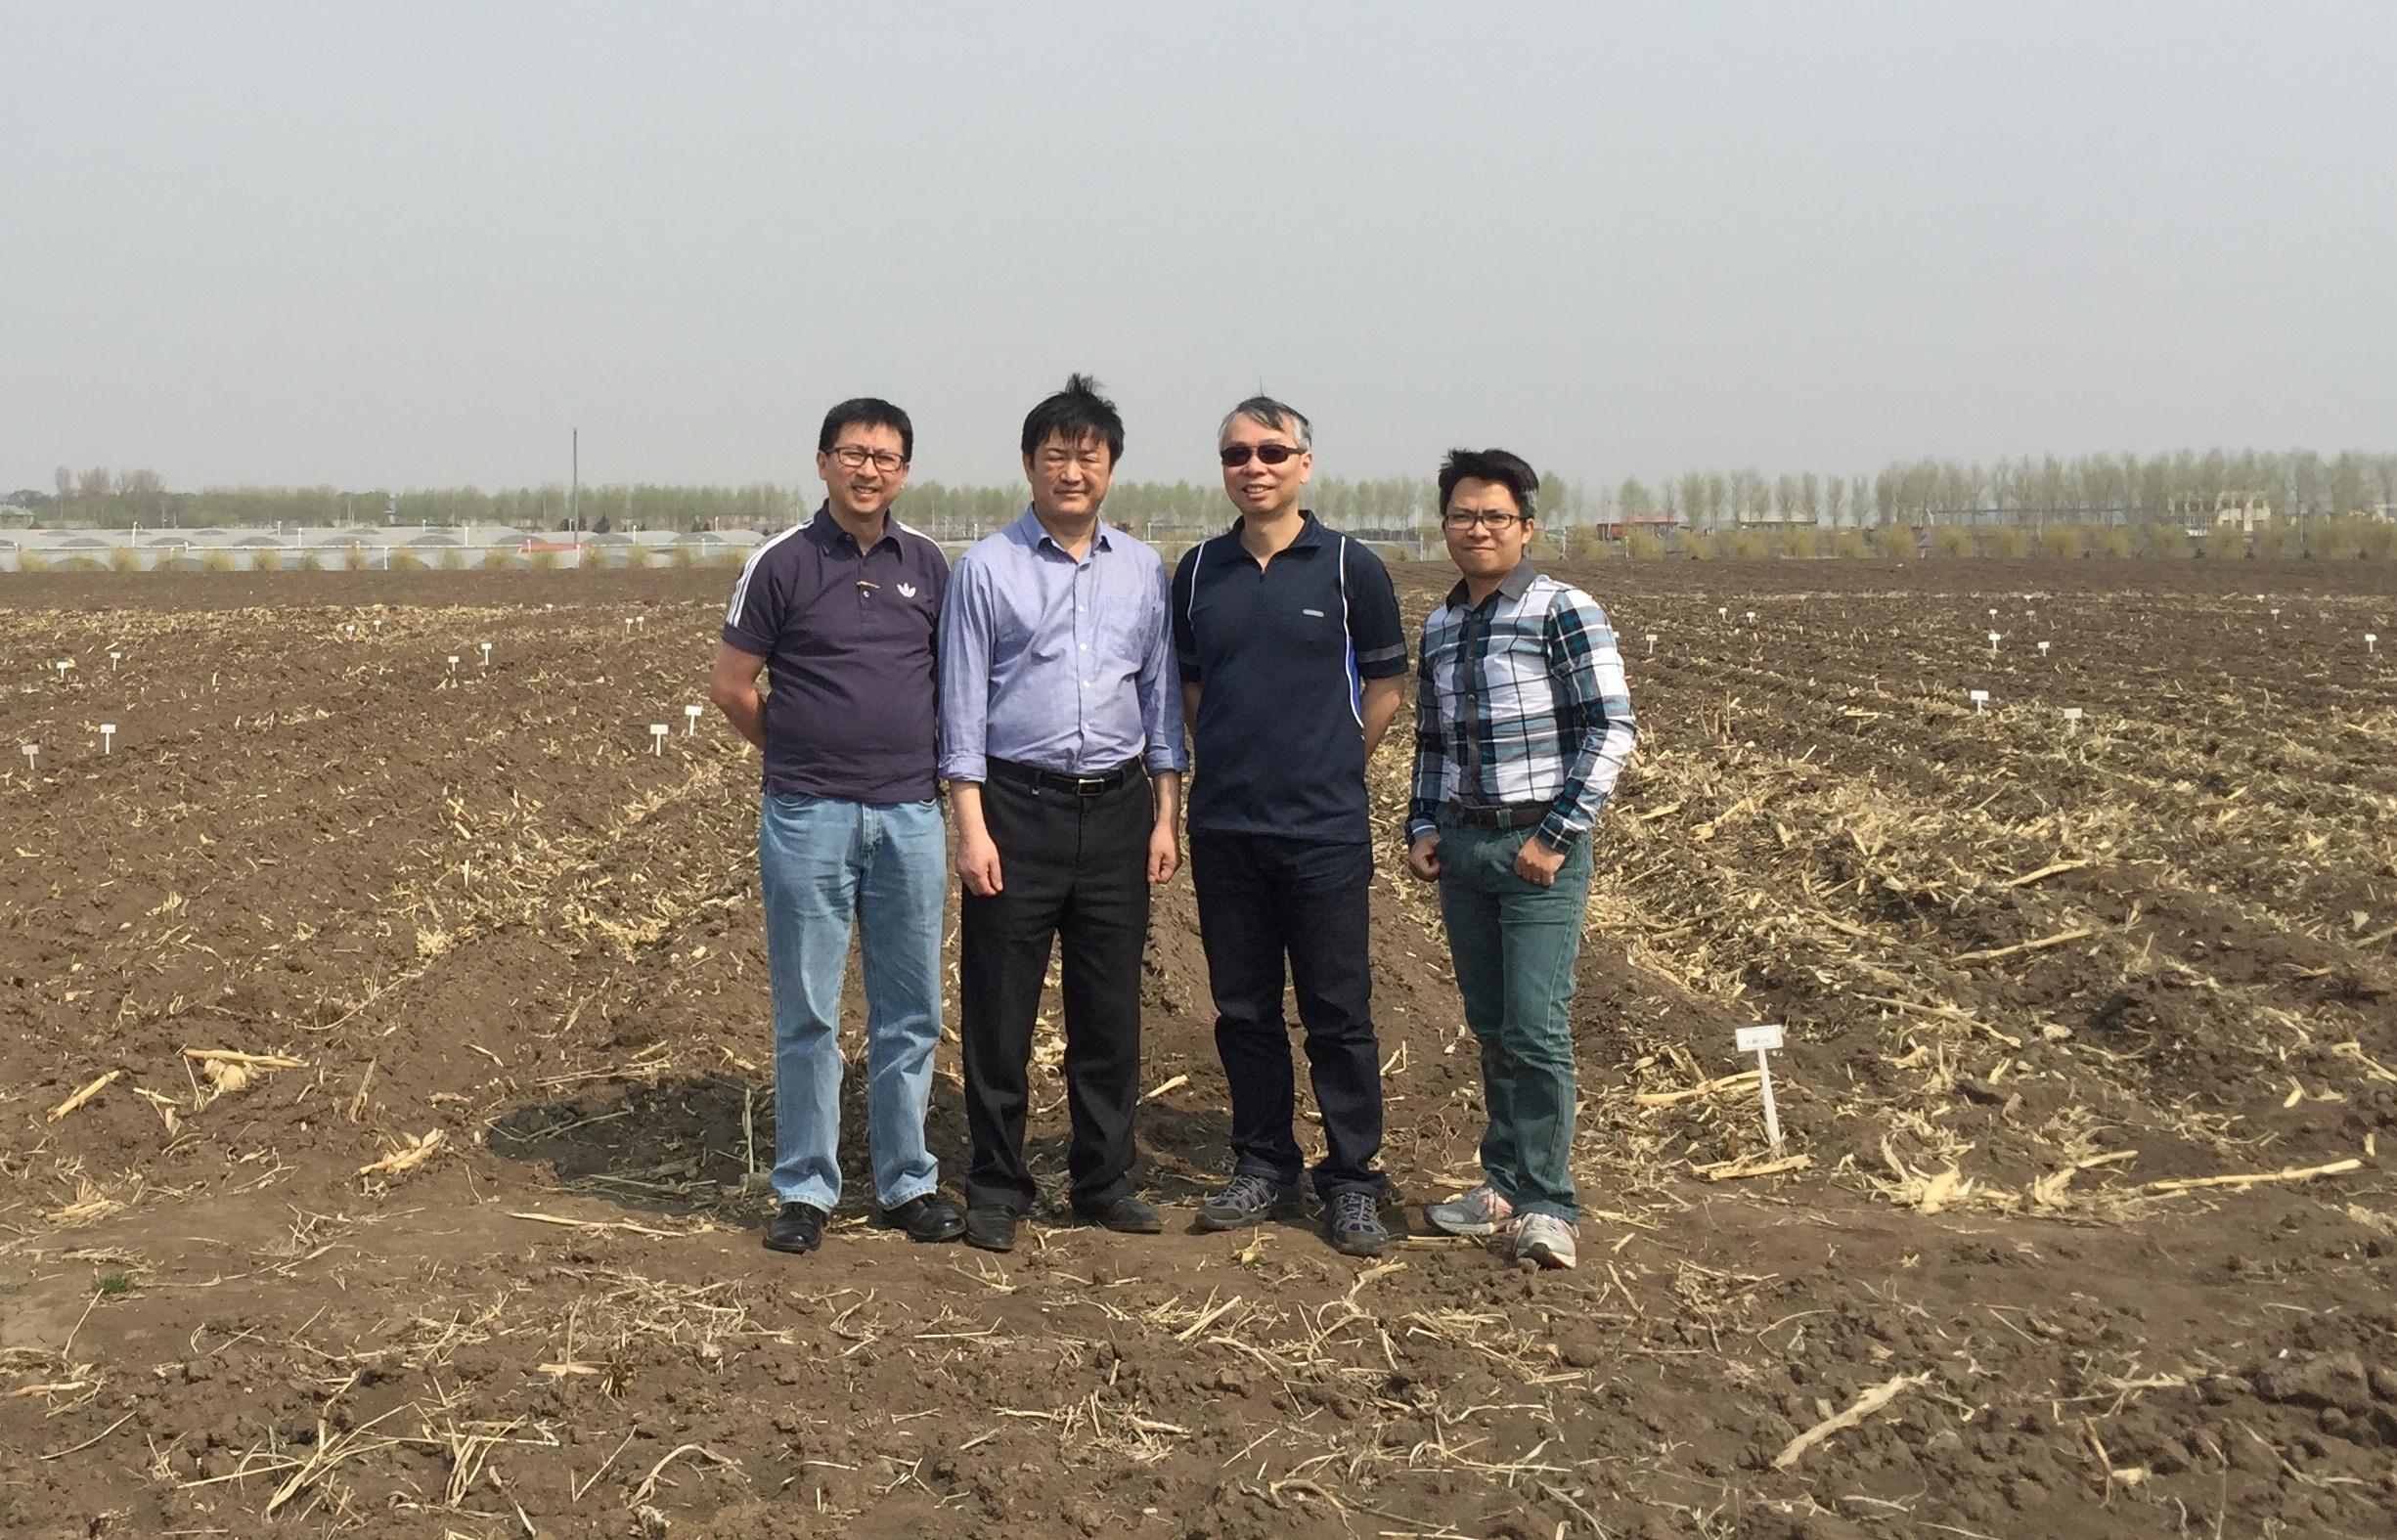 戴沛權教授(右一)、林漢明教授(右二)及其研究團隊。